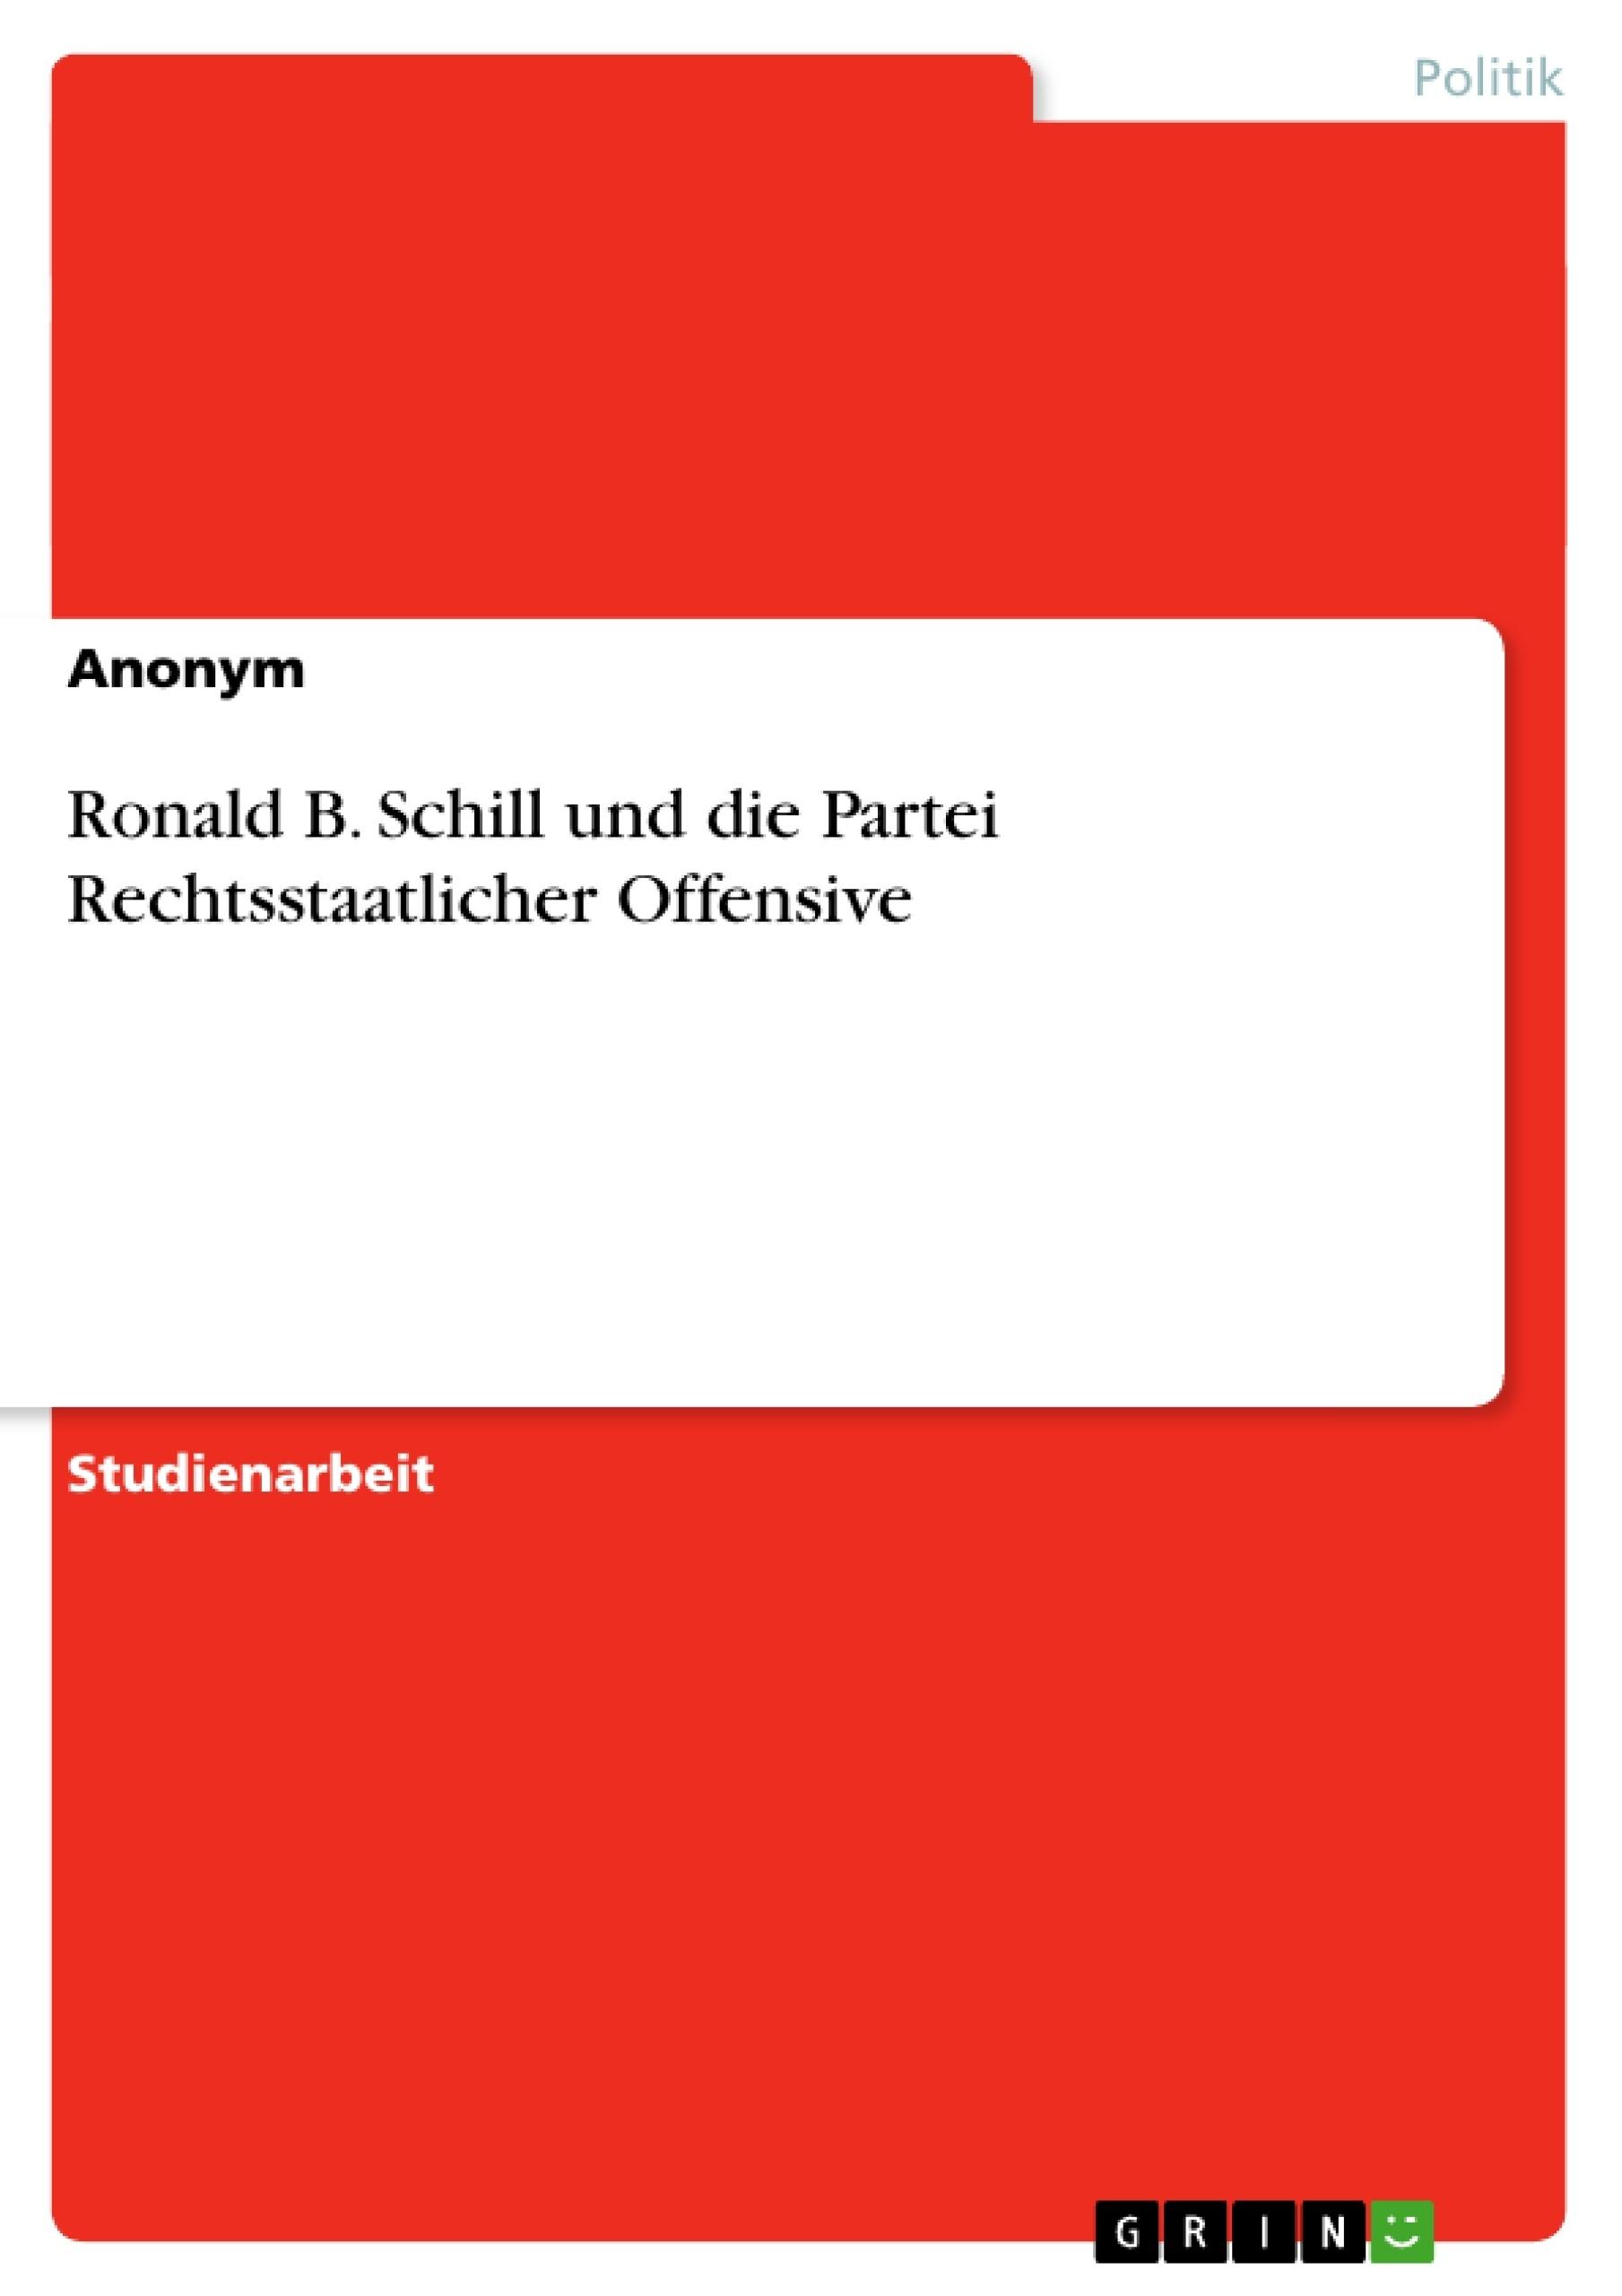 Titel: Ronald B. Schill und die Partei Rechtsstaatlicher Offensive